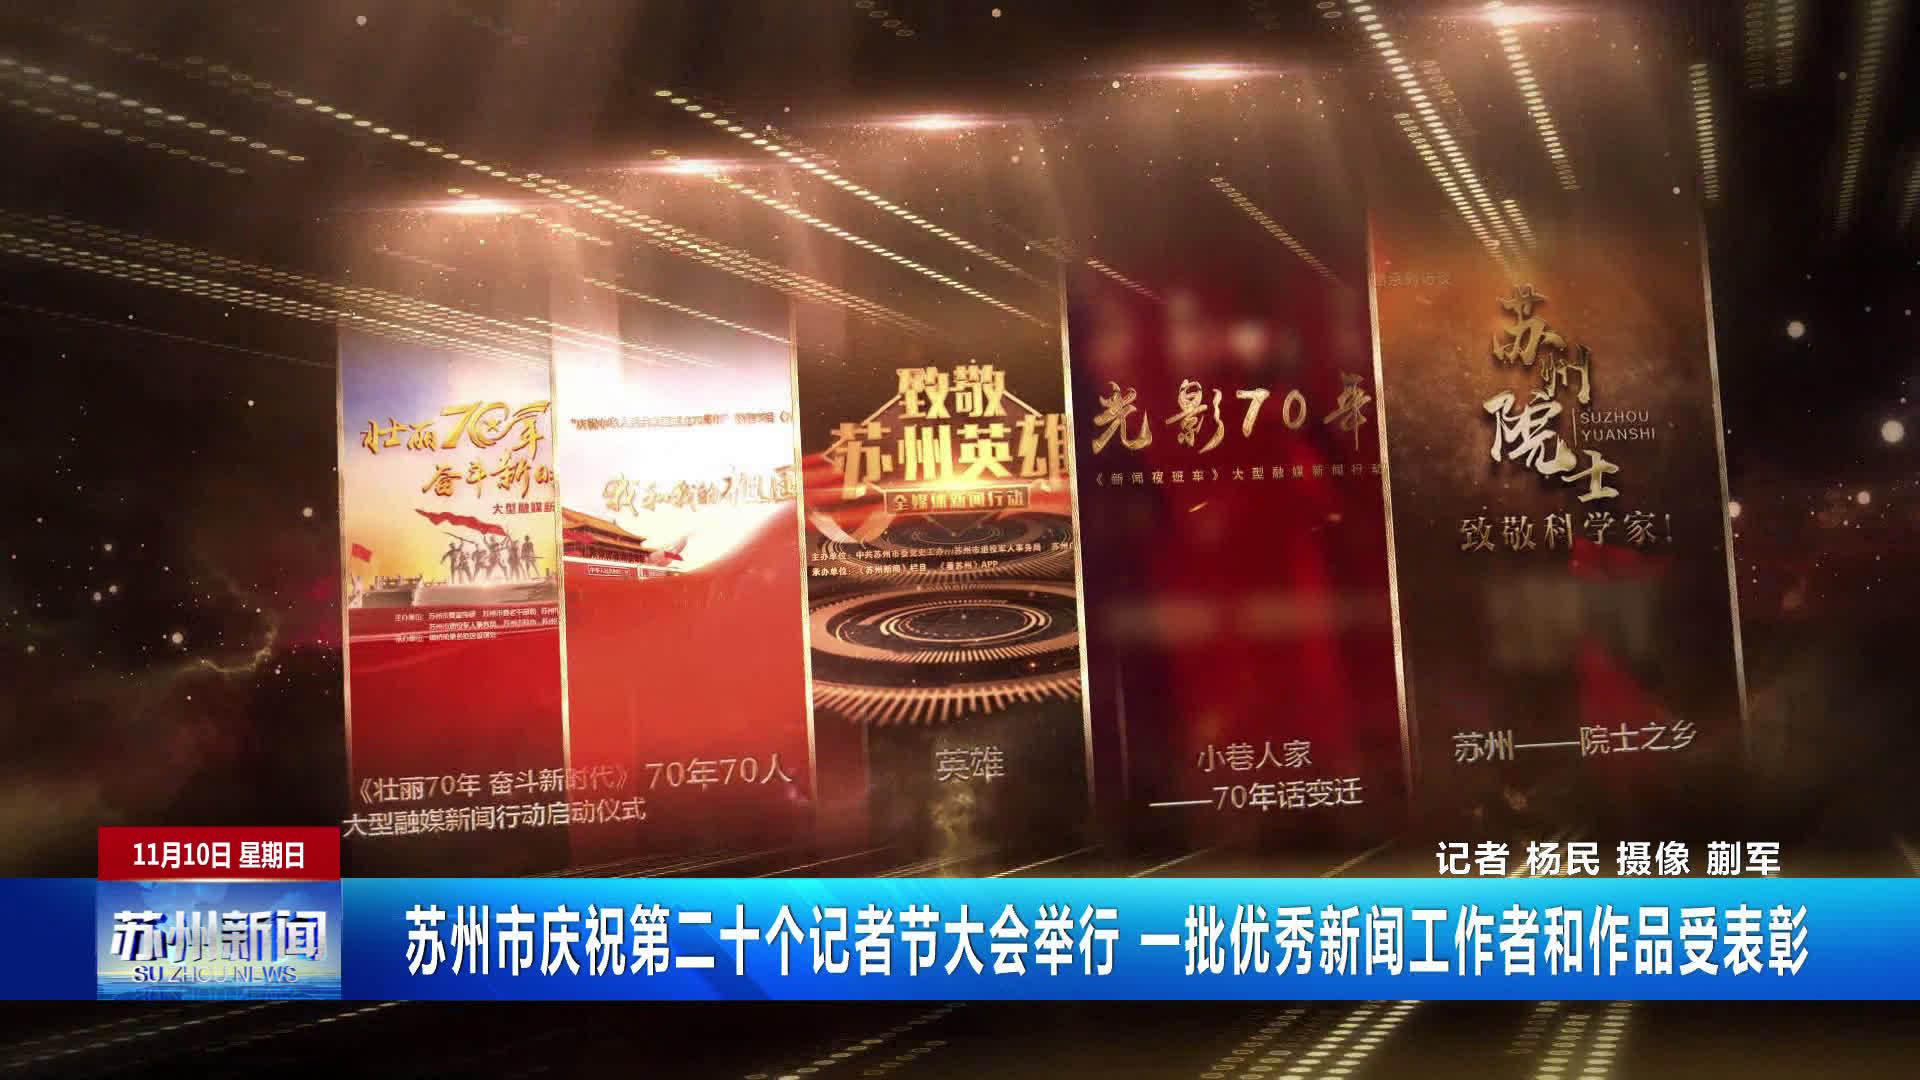 苏州市庆祝第二十个记者节大会举行 一批优秀新闻工作者和作品受表彰